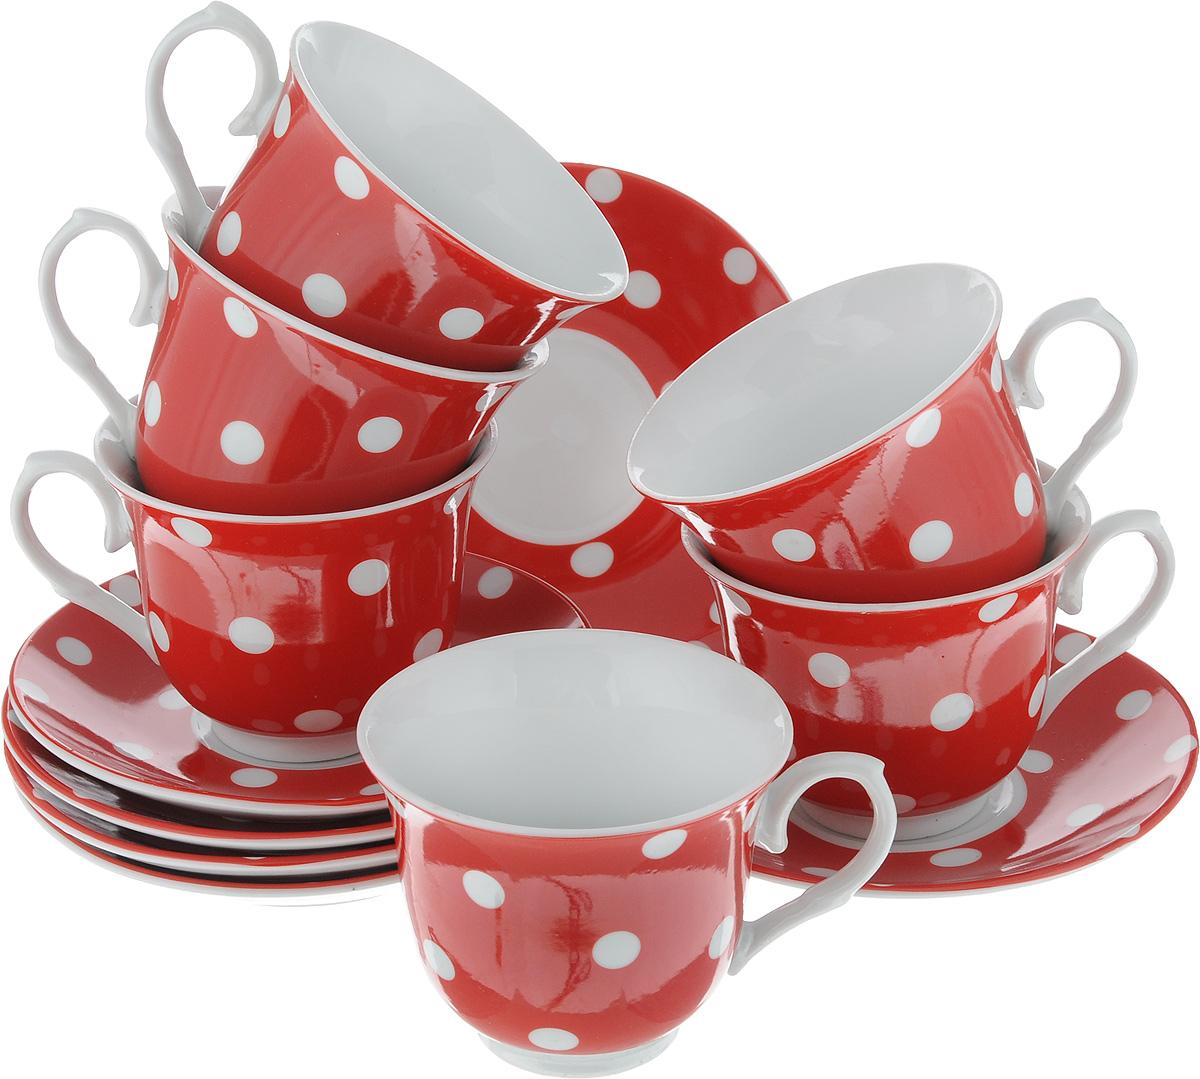 Набор чайный Loraine, цвет: белый, красный, 12 предметов. 2590625906_белый, красныйЧайный набор Loraine состоит из шести чашек и шести блюдец. Изделия выполнены из высококачественного фарфора и оформлены красивым принтом в горошек. Такой набор изящно дополнит сервировку стола к чаепитию. Благодаря оригинальному дизайну и качеству исполнения, он станет замечательным подарком для ваших друзей и близких. Объем чашки: 220 мл. Диаметр чашки (по верхнему краю): 9 см. Высота чашки: 7,5 см. Диаметр блюдца: 14 см.Высота блюдца: 2 см.